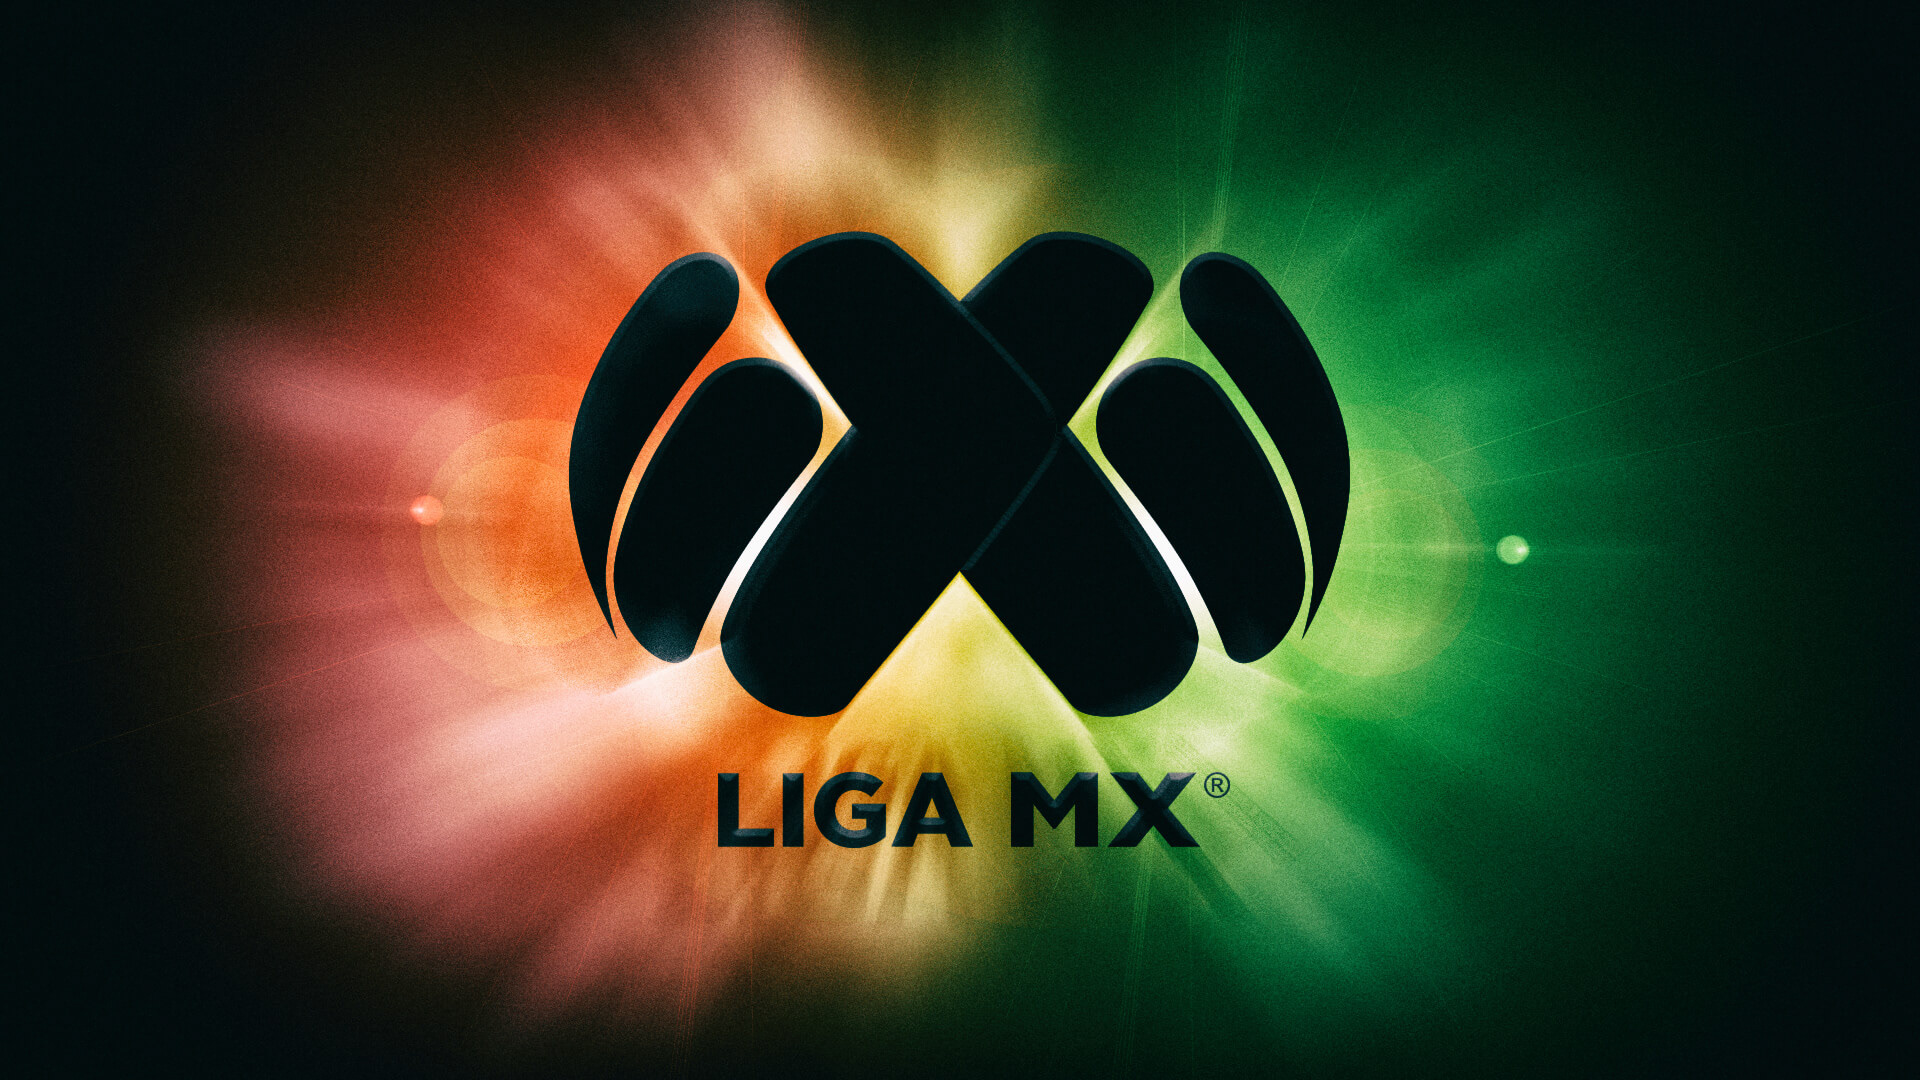 Liga MX Cover Art Design On Behance